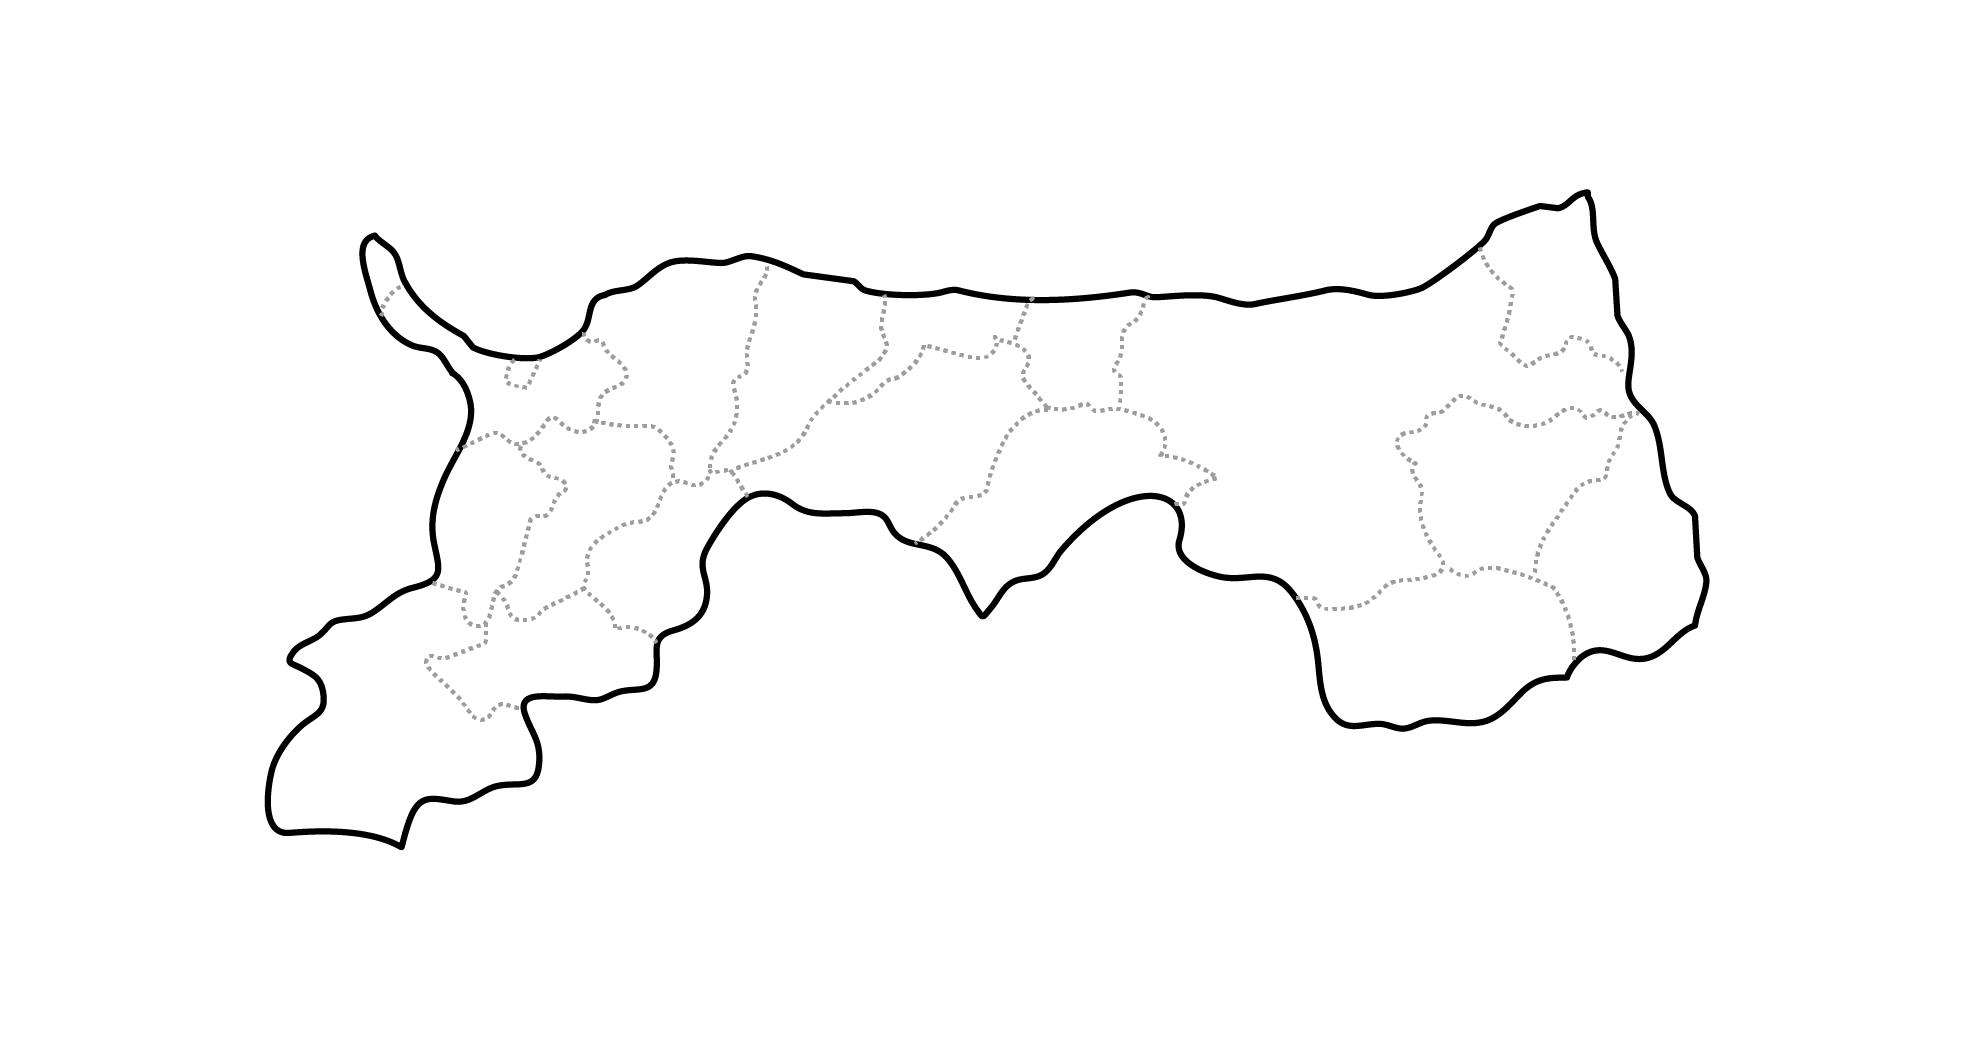 [白地図]鳥取県・ラインあり・市区町村名なし